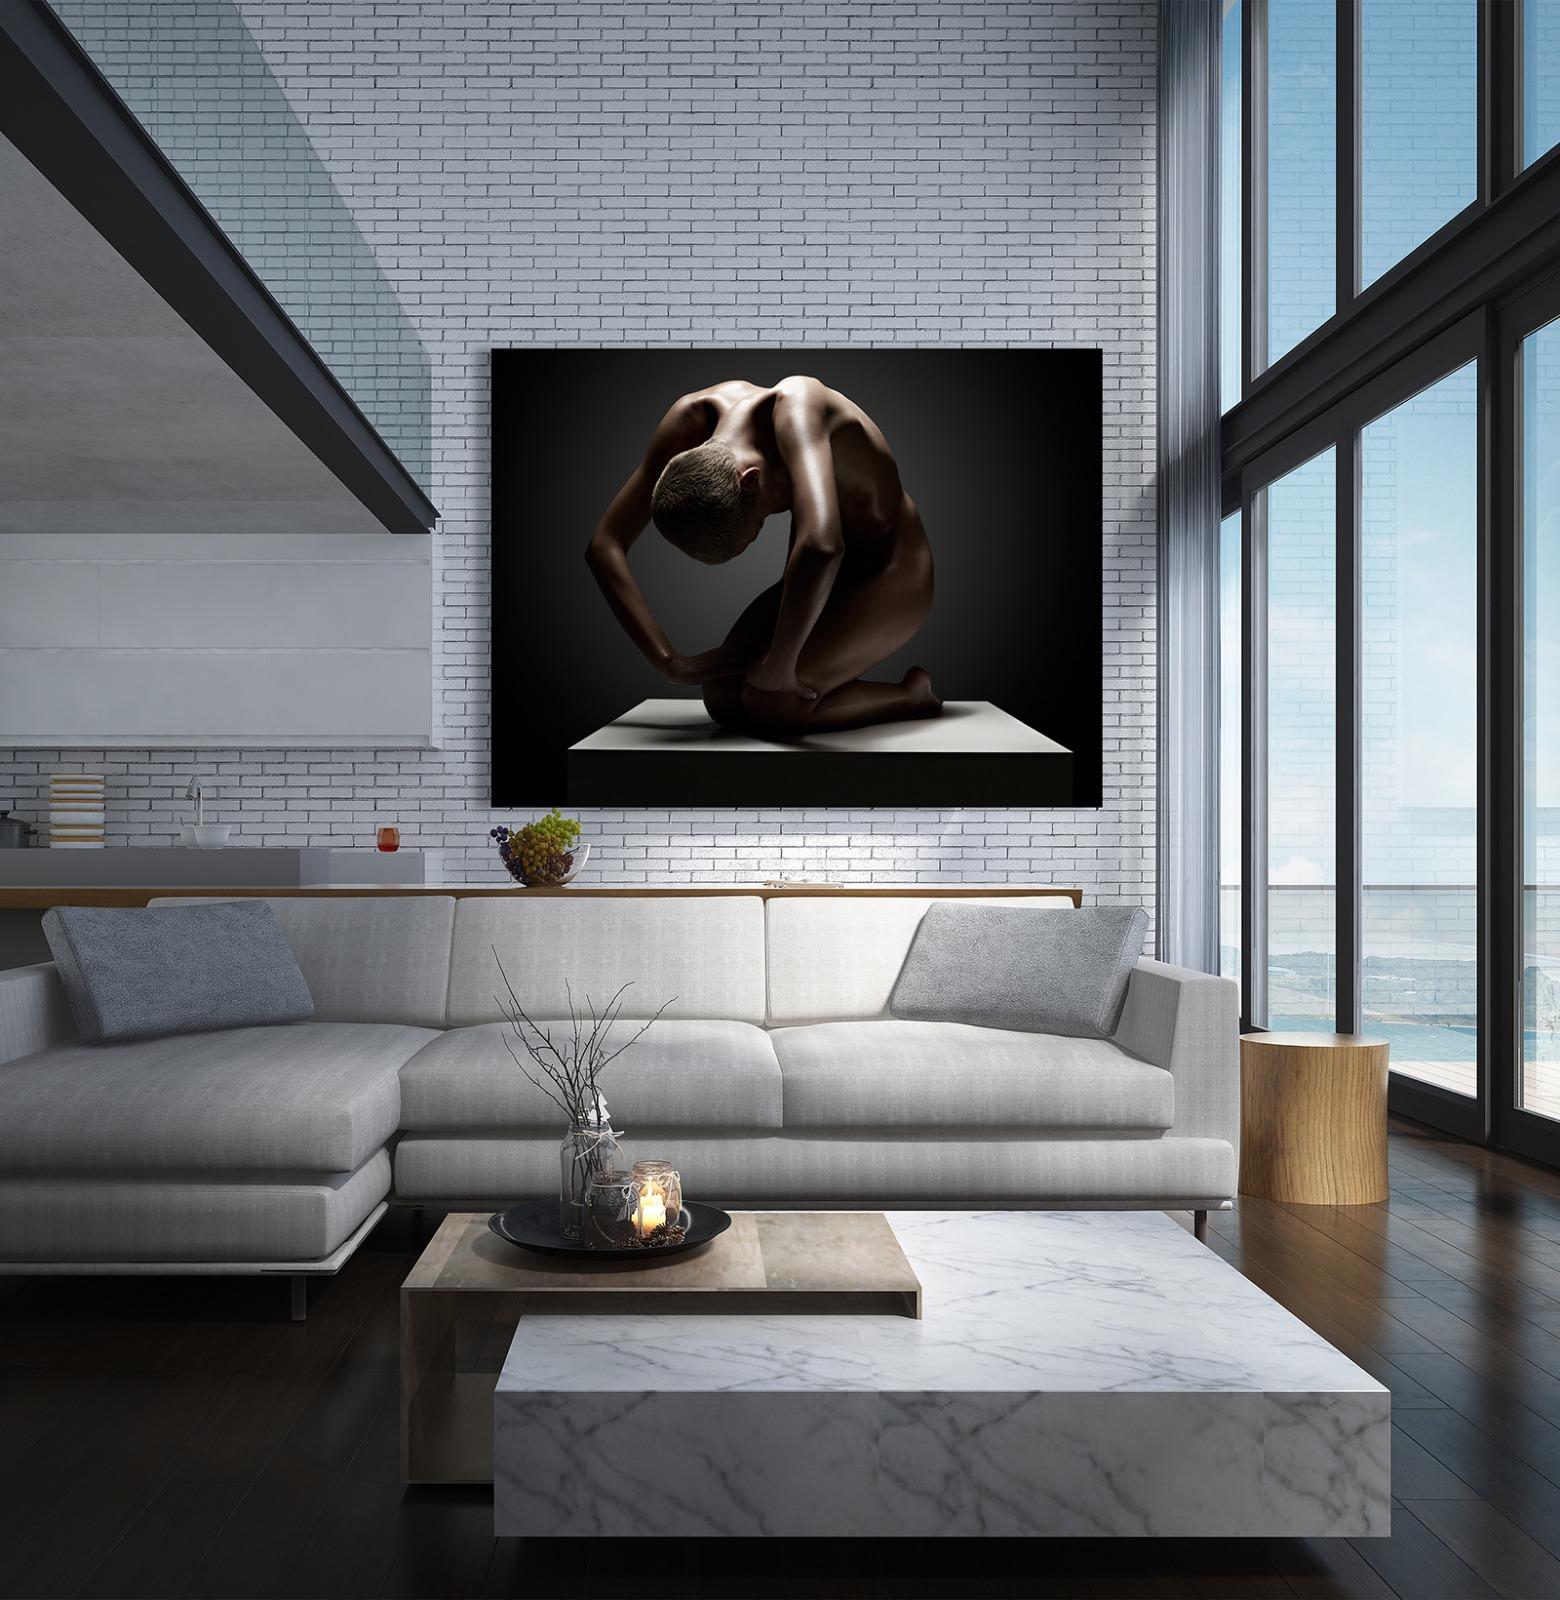 Sculpture-Emergence-4510